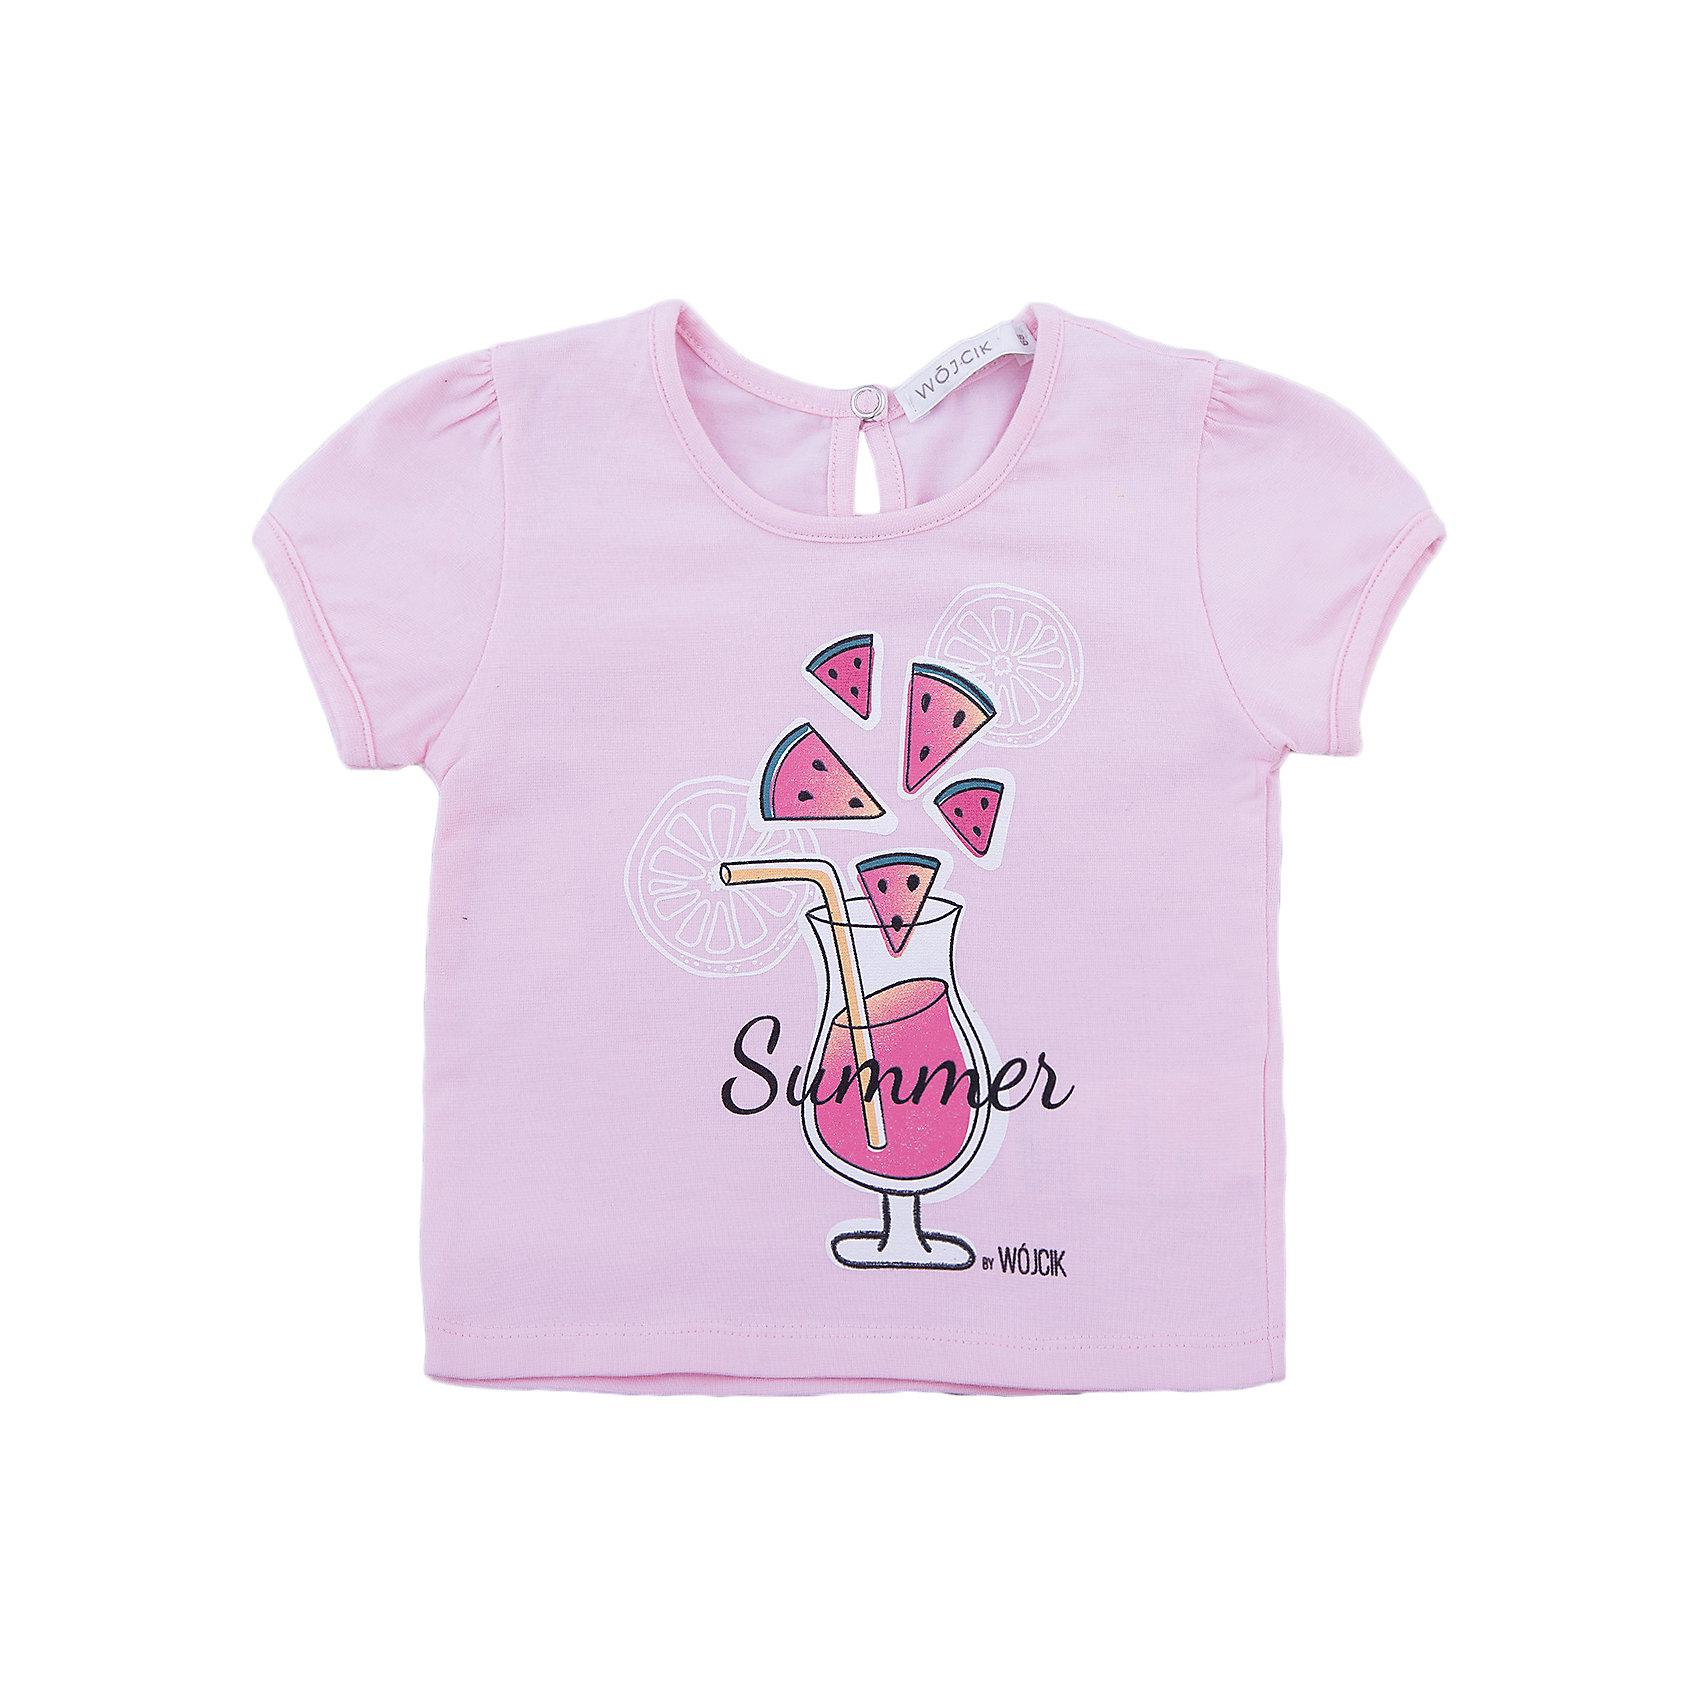 Футболка для девочки WojcikФутболки, топы<br>Характеристики товара:<br><br>• цвет: розовый<br>• состав ткани: хлопок 92%, эластан 8%<br>• короткие рукава<br>• сезон: лето<br>• страна бренда: Польша<br>• страна изготовитель: Польша<br><br>Польская одежда для детей от бренда Войчик - это качественные и стильные вещи. Футболка для девочки для девочки Войчик отличаются модным кроем и универсальным цветом. <br><br>Трикотажная детская футболка сделана из качественного материала с преобладание дышащего натурального хлопка в составе. Розовая футболка для девочки Wojcik - удобная и модная одежда для теплого времени года. <br><br>Футболку для девочки Wojcik (Войчик) можно купить в нашем интернет-магазине.<br><br>Ширина мм: 199<br>Глубина мм: 10<br>Высота мм: 161<br>Вес г: 151<br>Цвет: розовый<br>Возраст от месяцев: 12<br>Возраст до месяцев: 18<br>Пол: Женский<br>Возраст: Детский<br>Размер: 86,92,98,68,74,80<br>SKU: 5589916